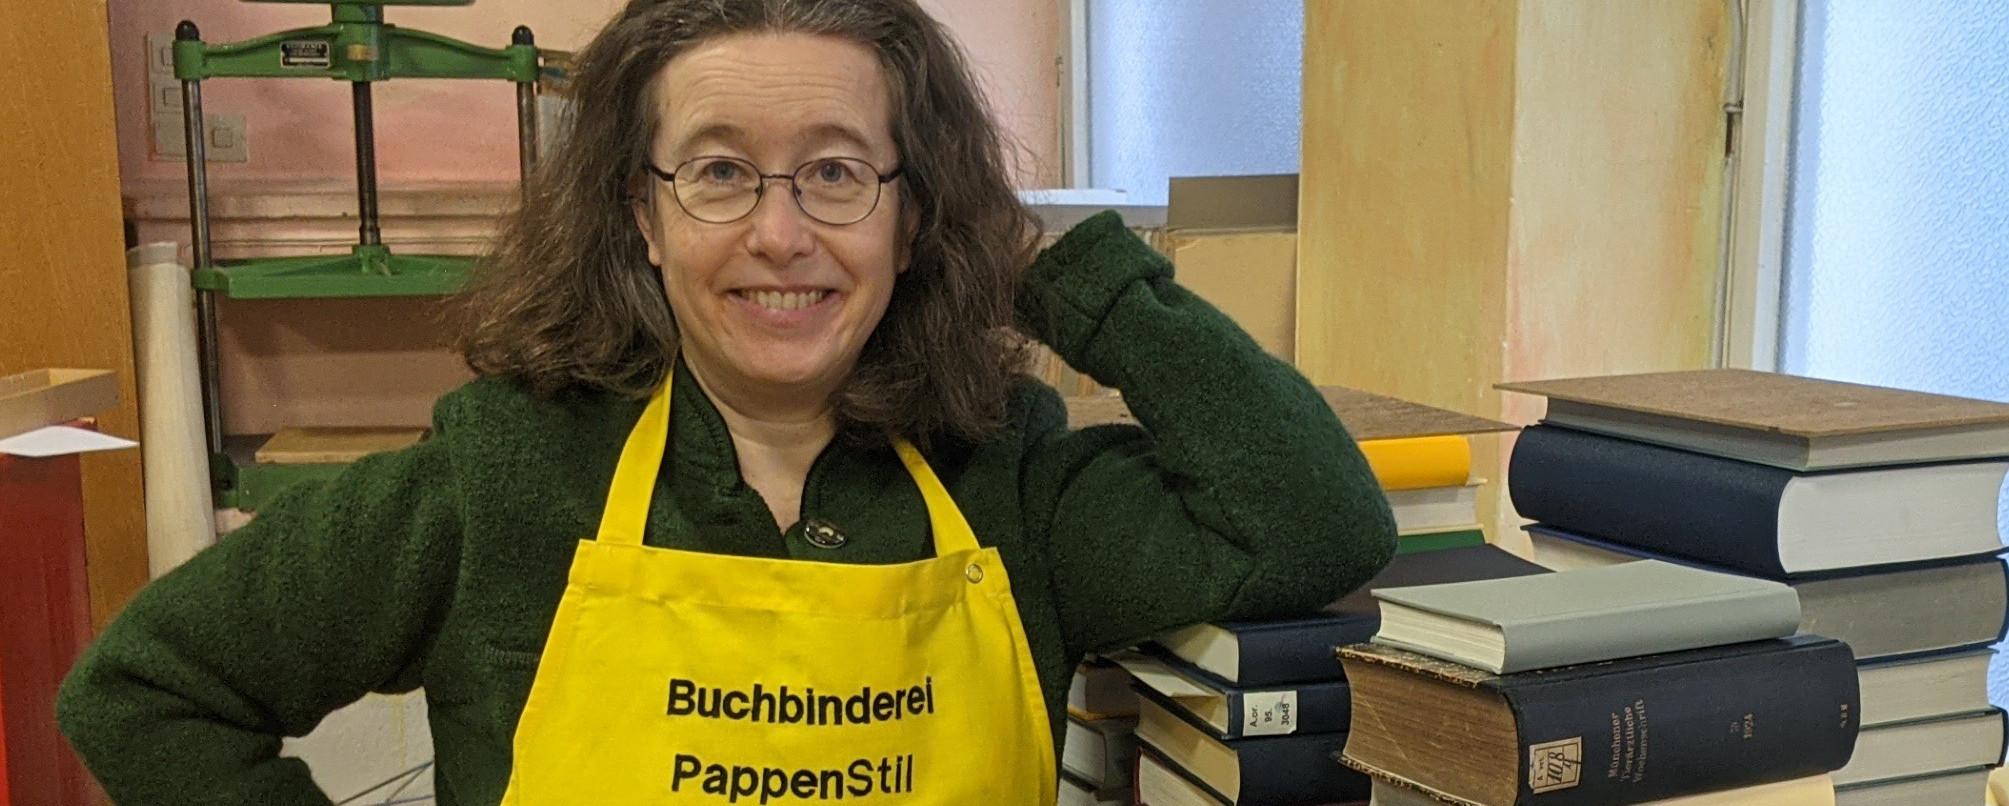 PappenStil: Bettina Maier ist verliebt in die Buchbinderei! -Werbung –